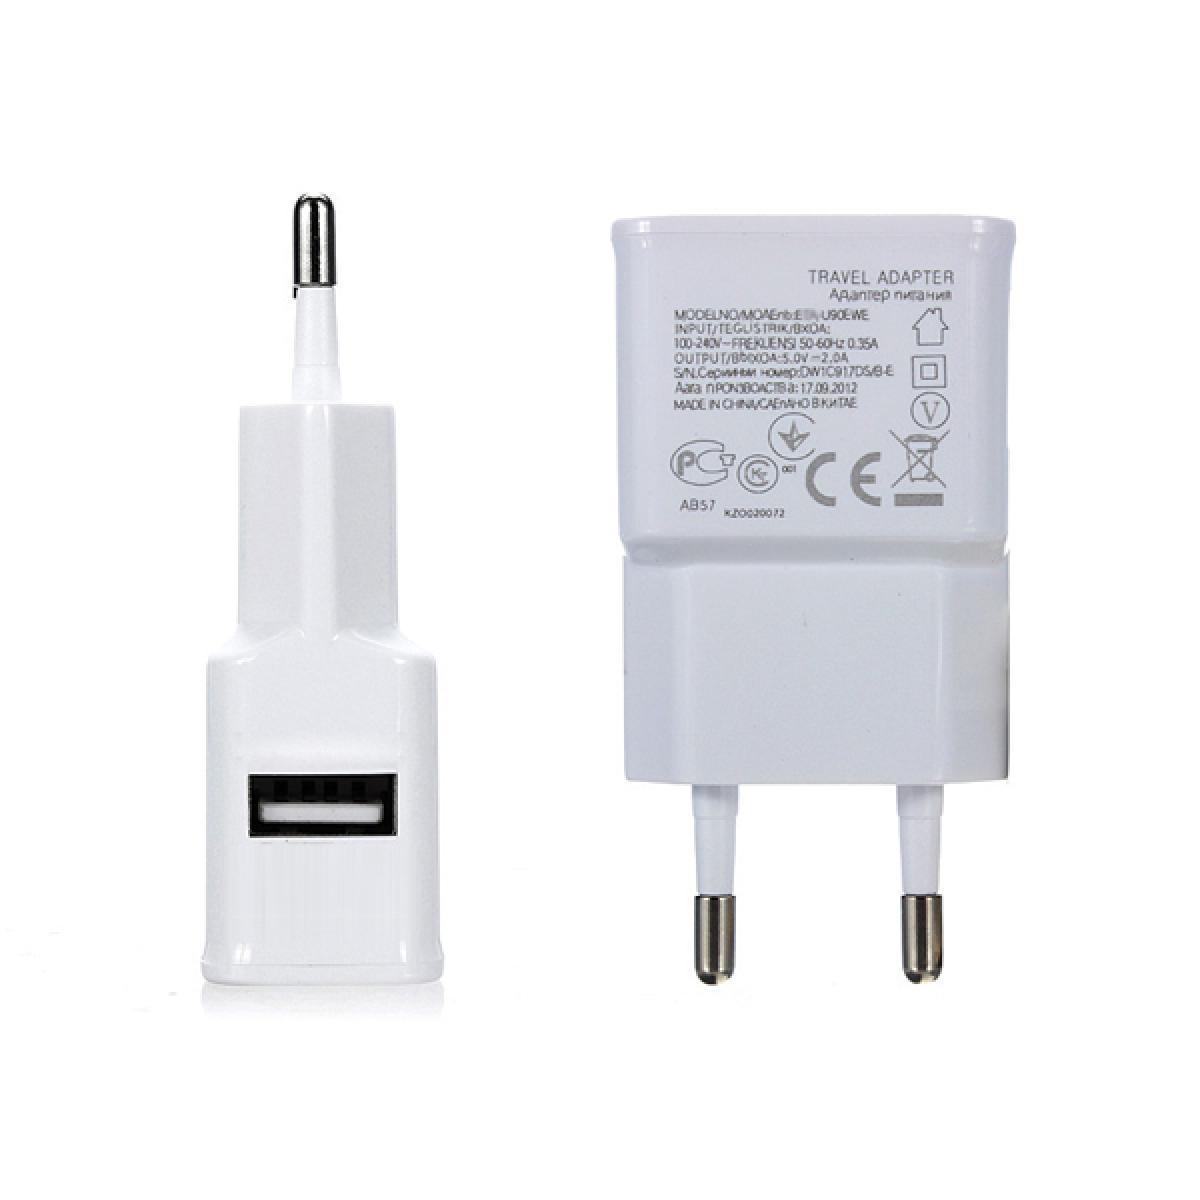 Сетевой адаптер USB 71 блок питания, зарядное от сети Адаптер